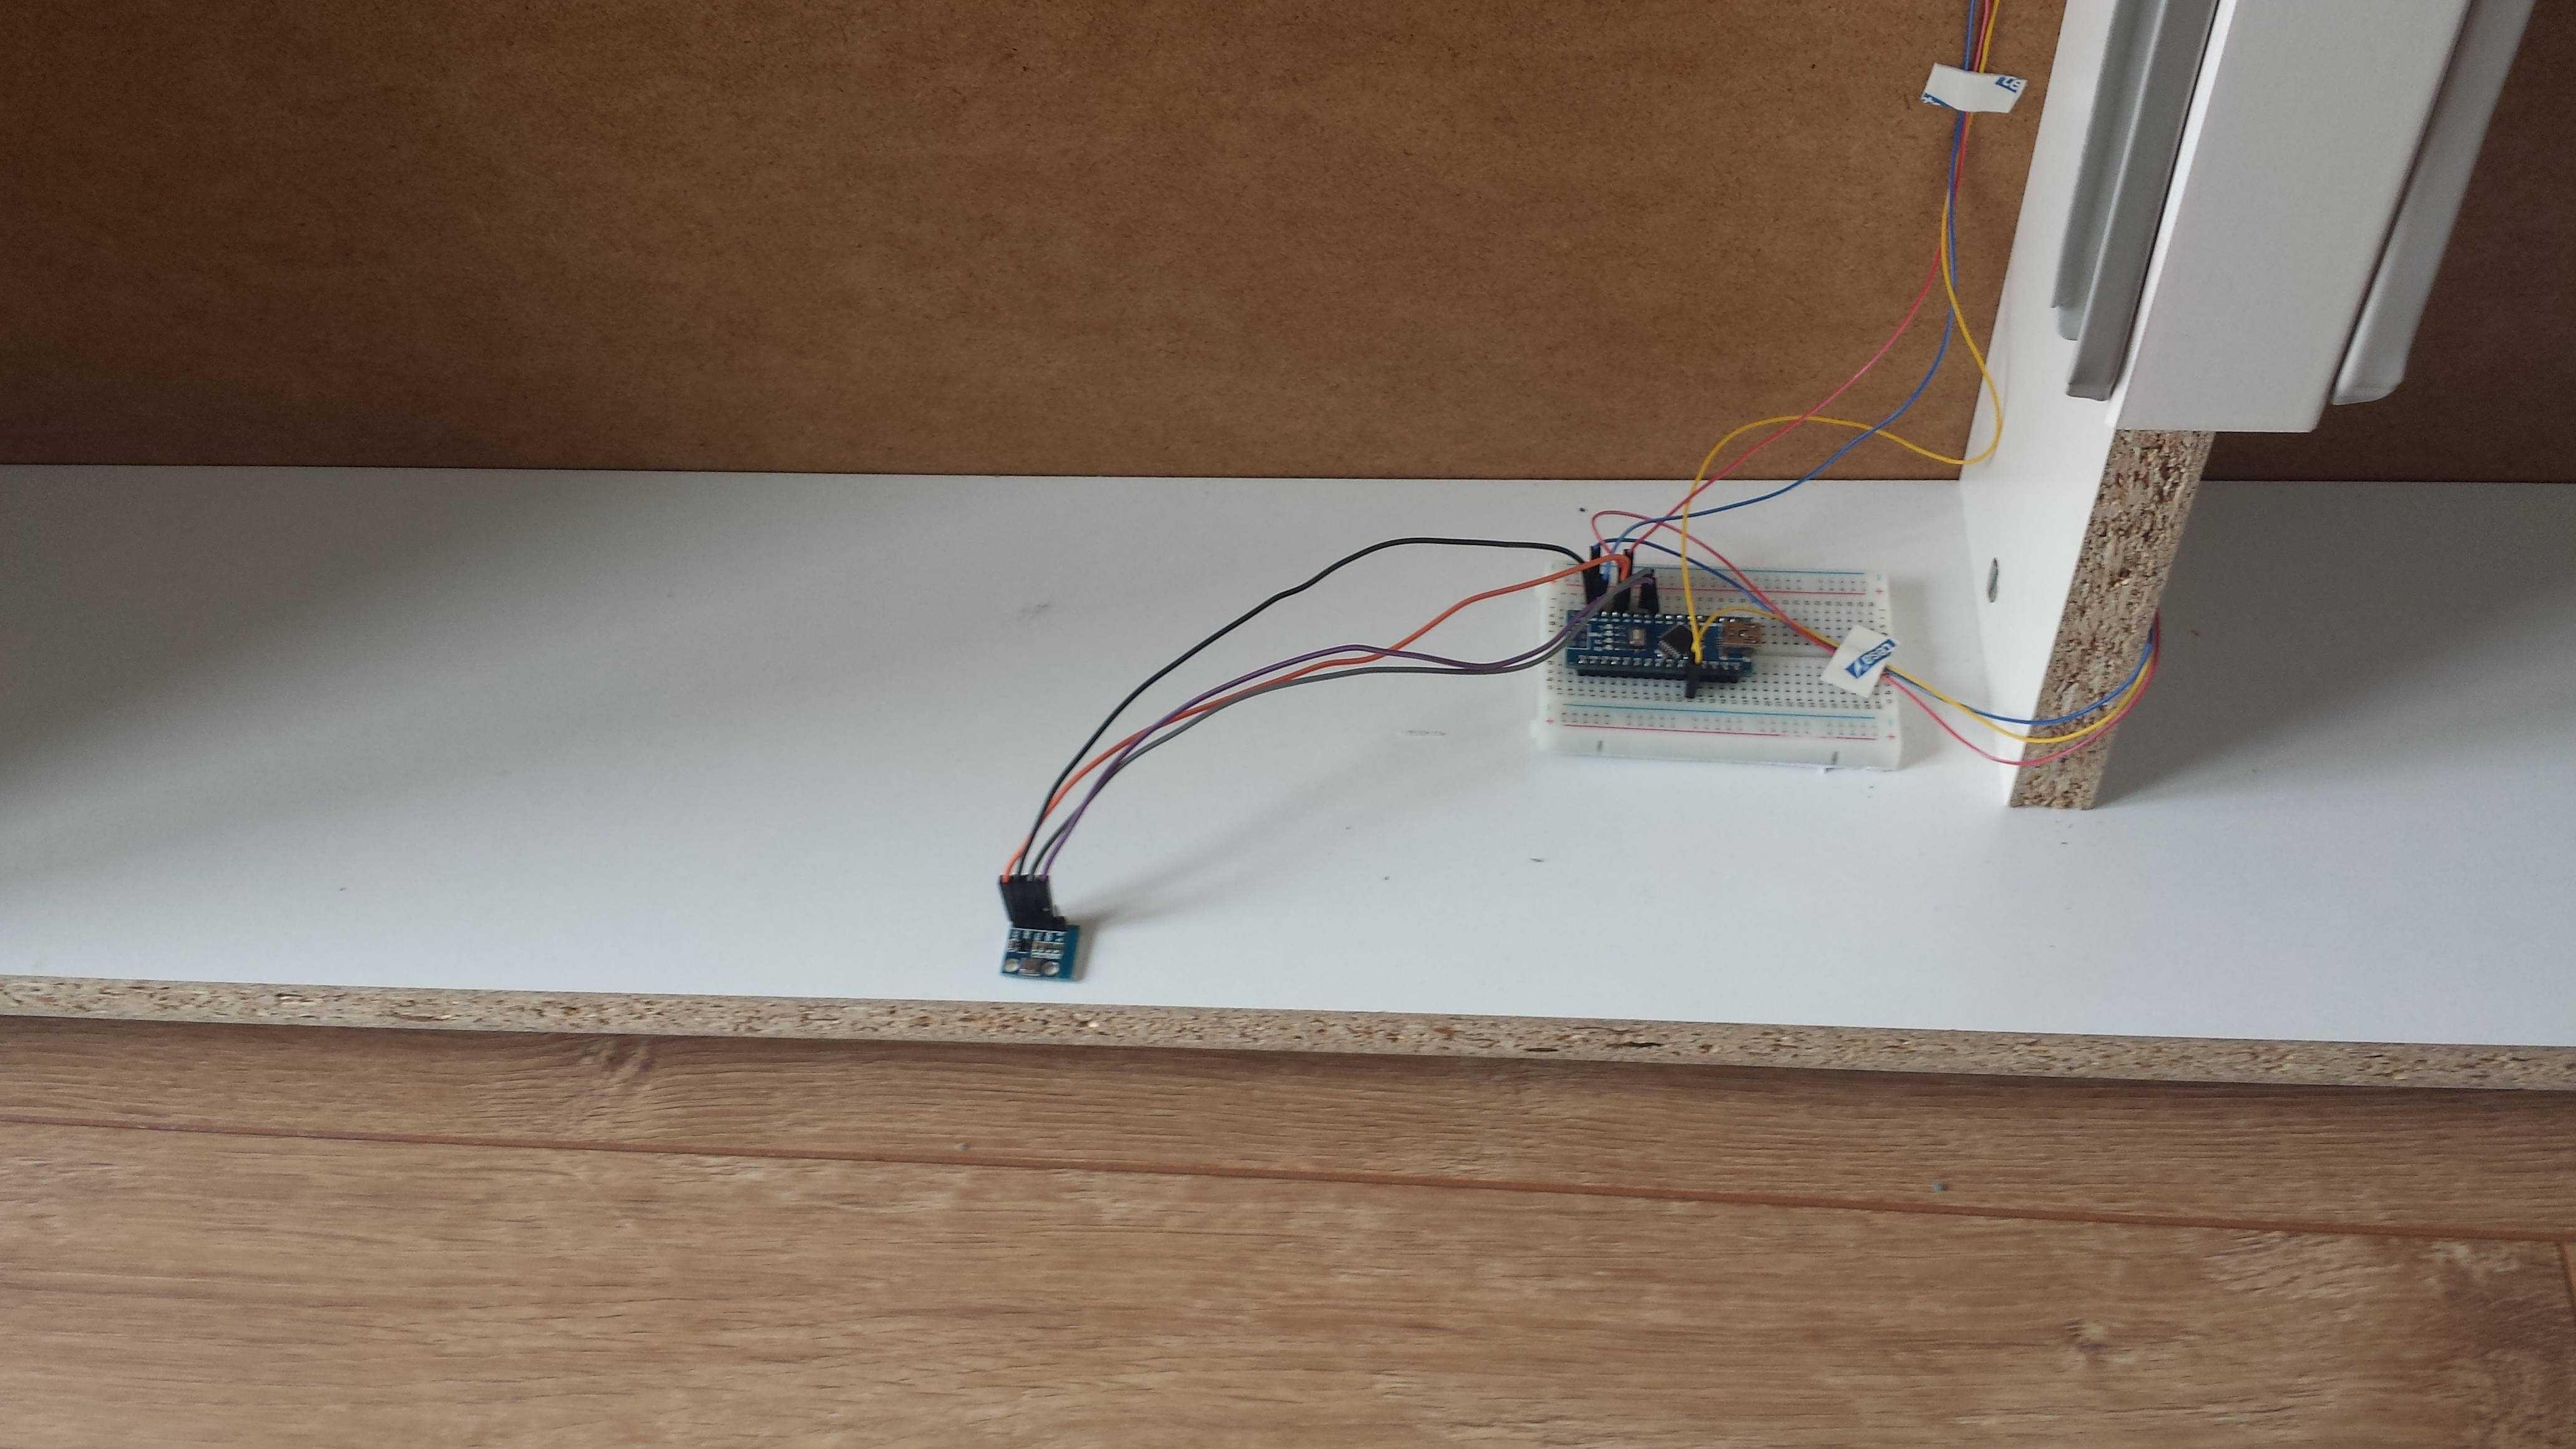 Ein Steckbrett mit Arduino Nano und Temperatursensor unter einem Ikea-Babybett